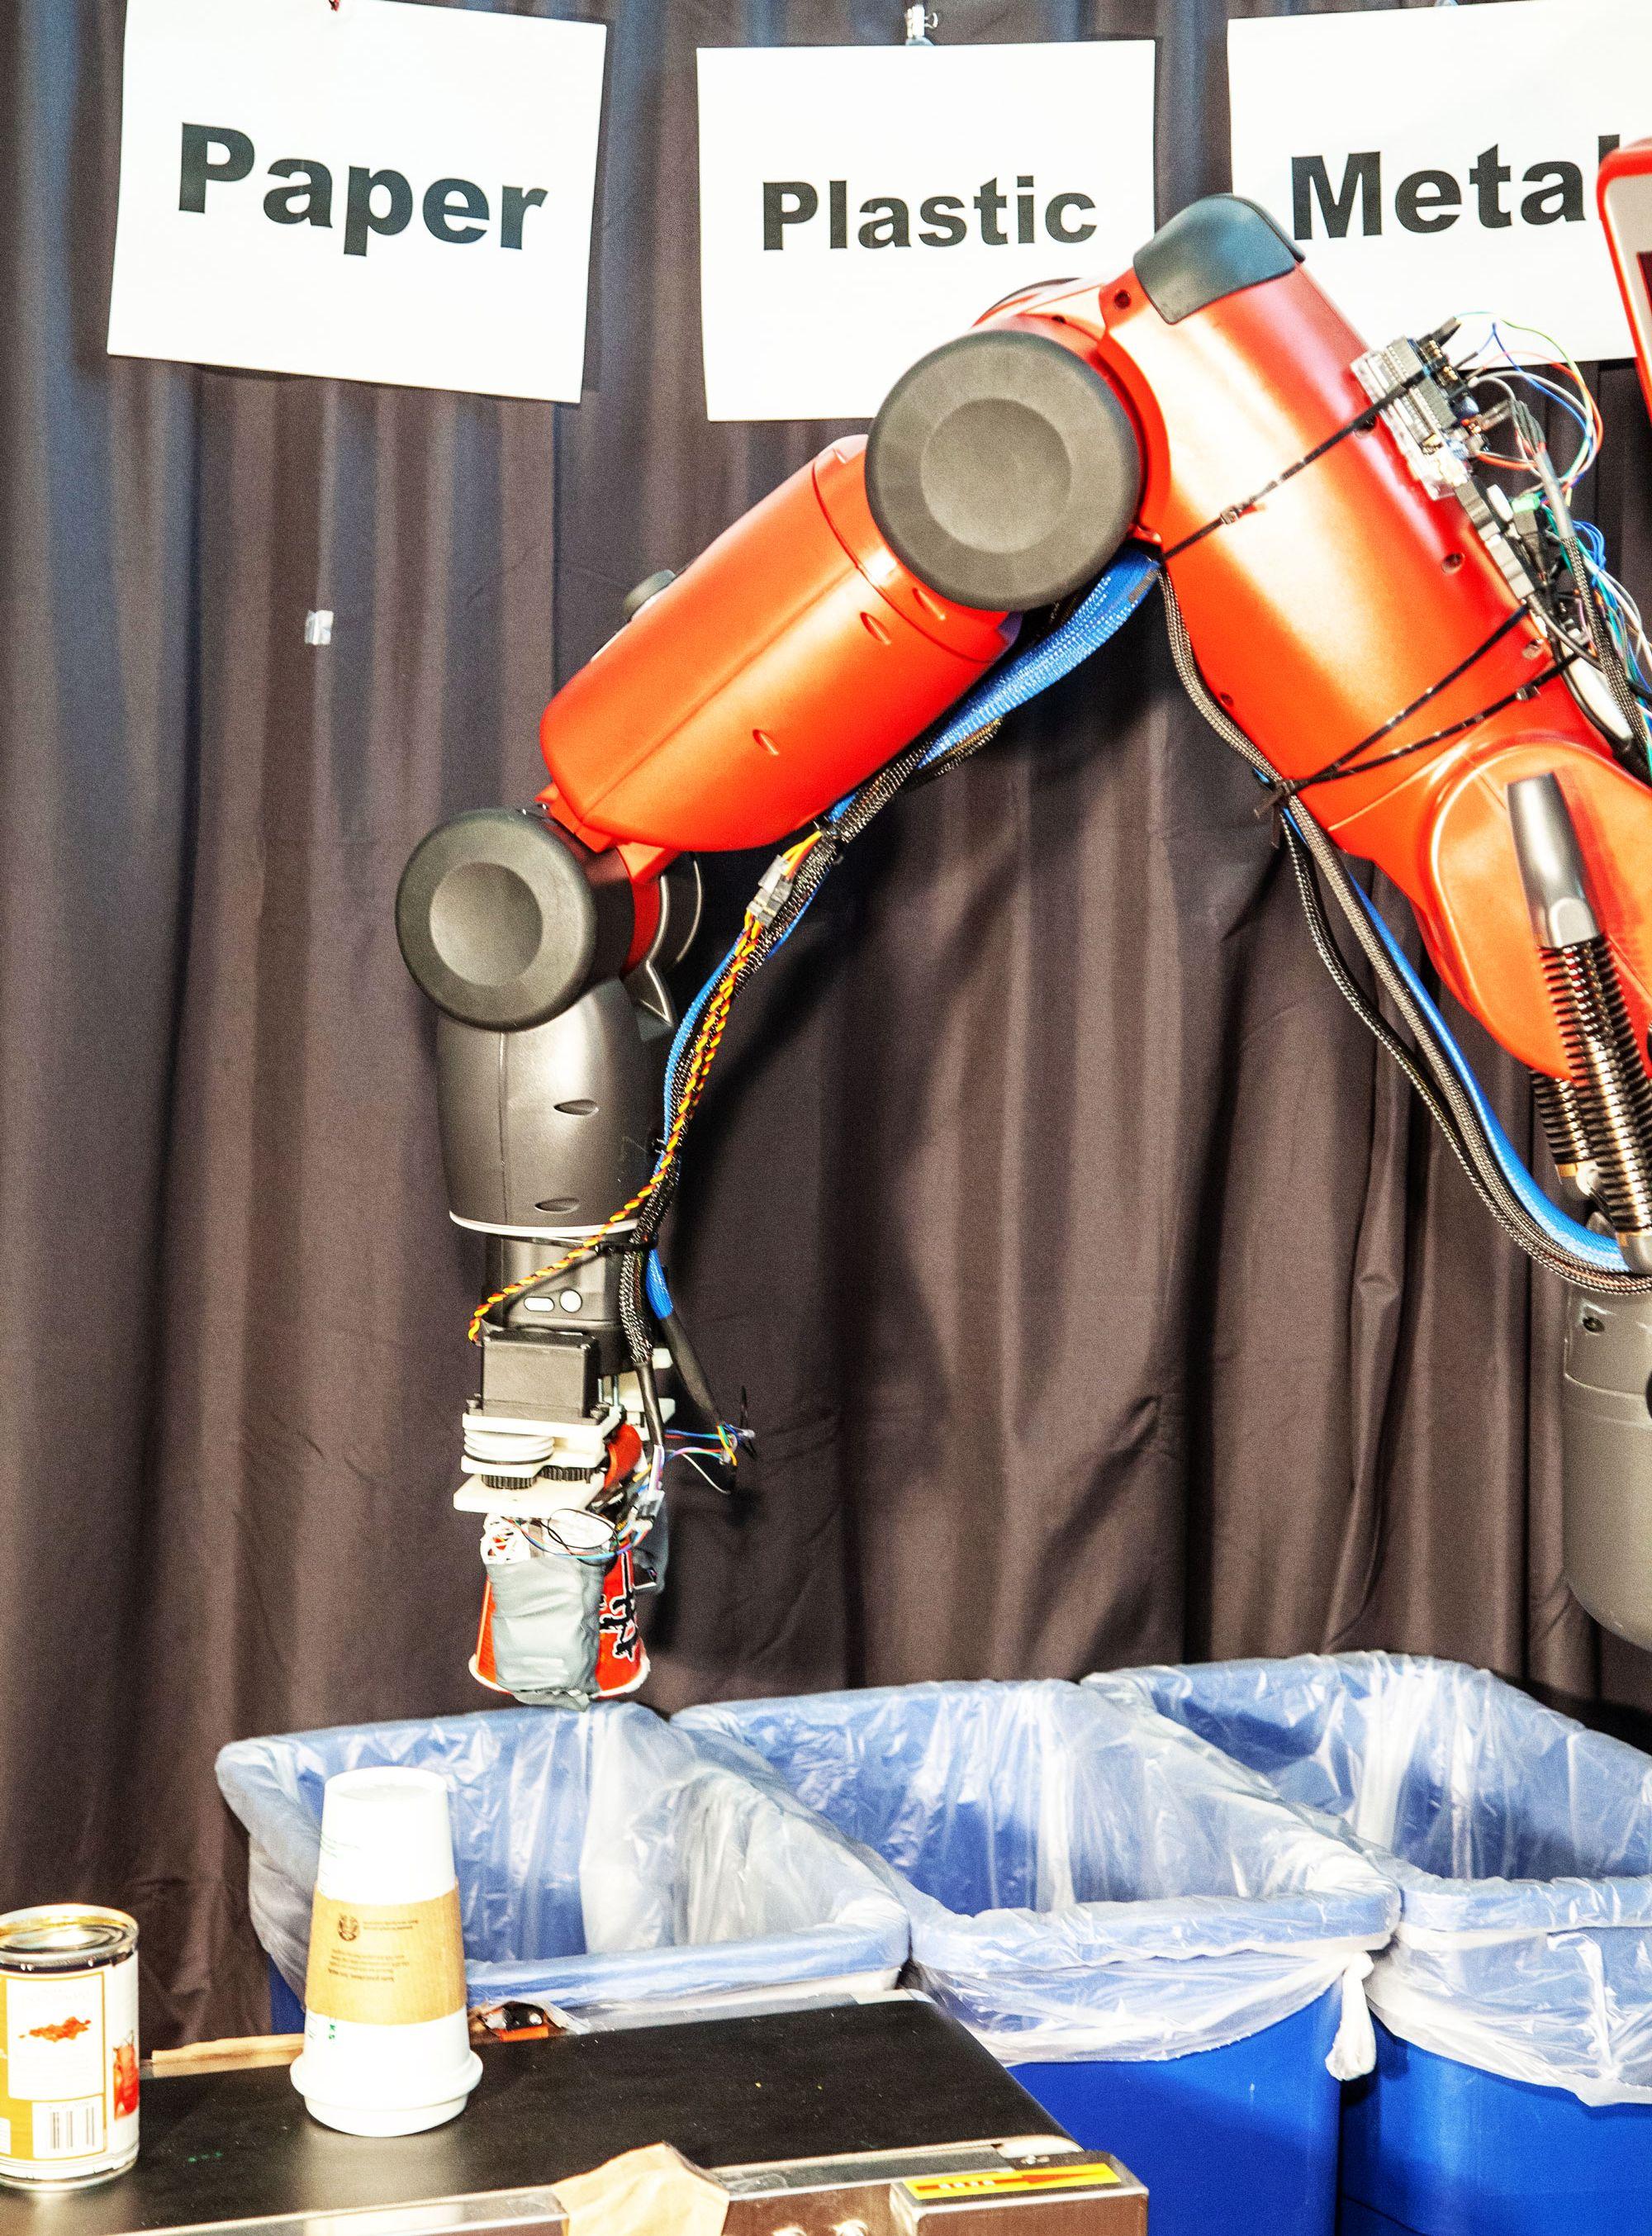 ゴミを直接「触って」仕分け、MITの新型リサイクルロボ